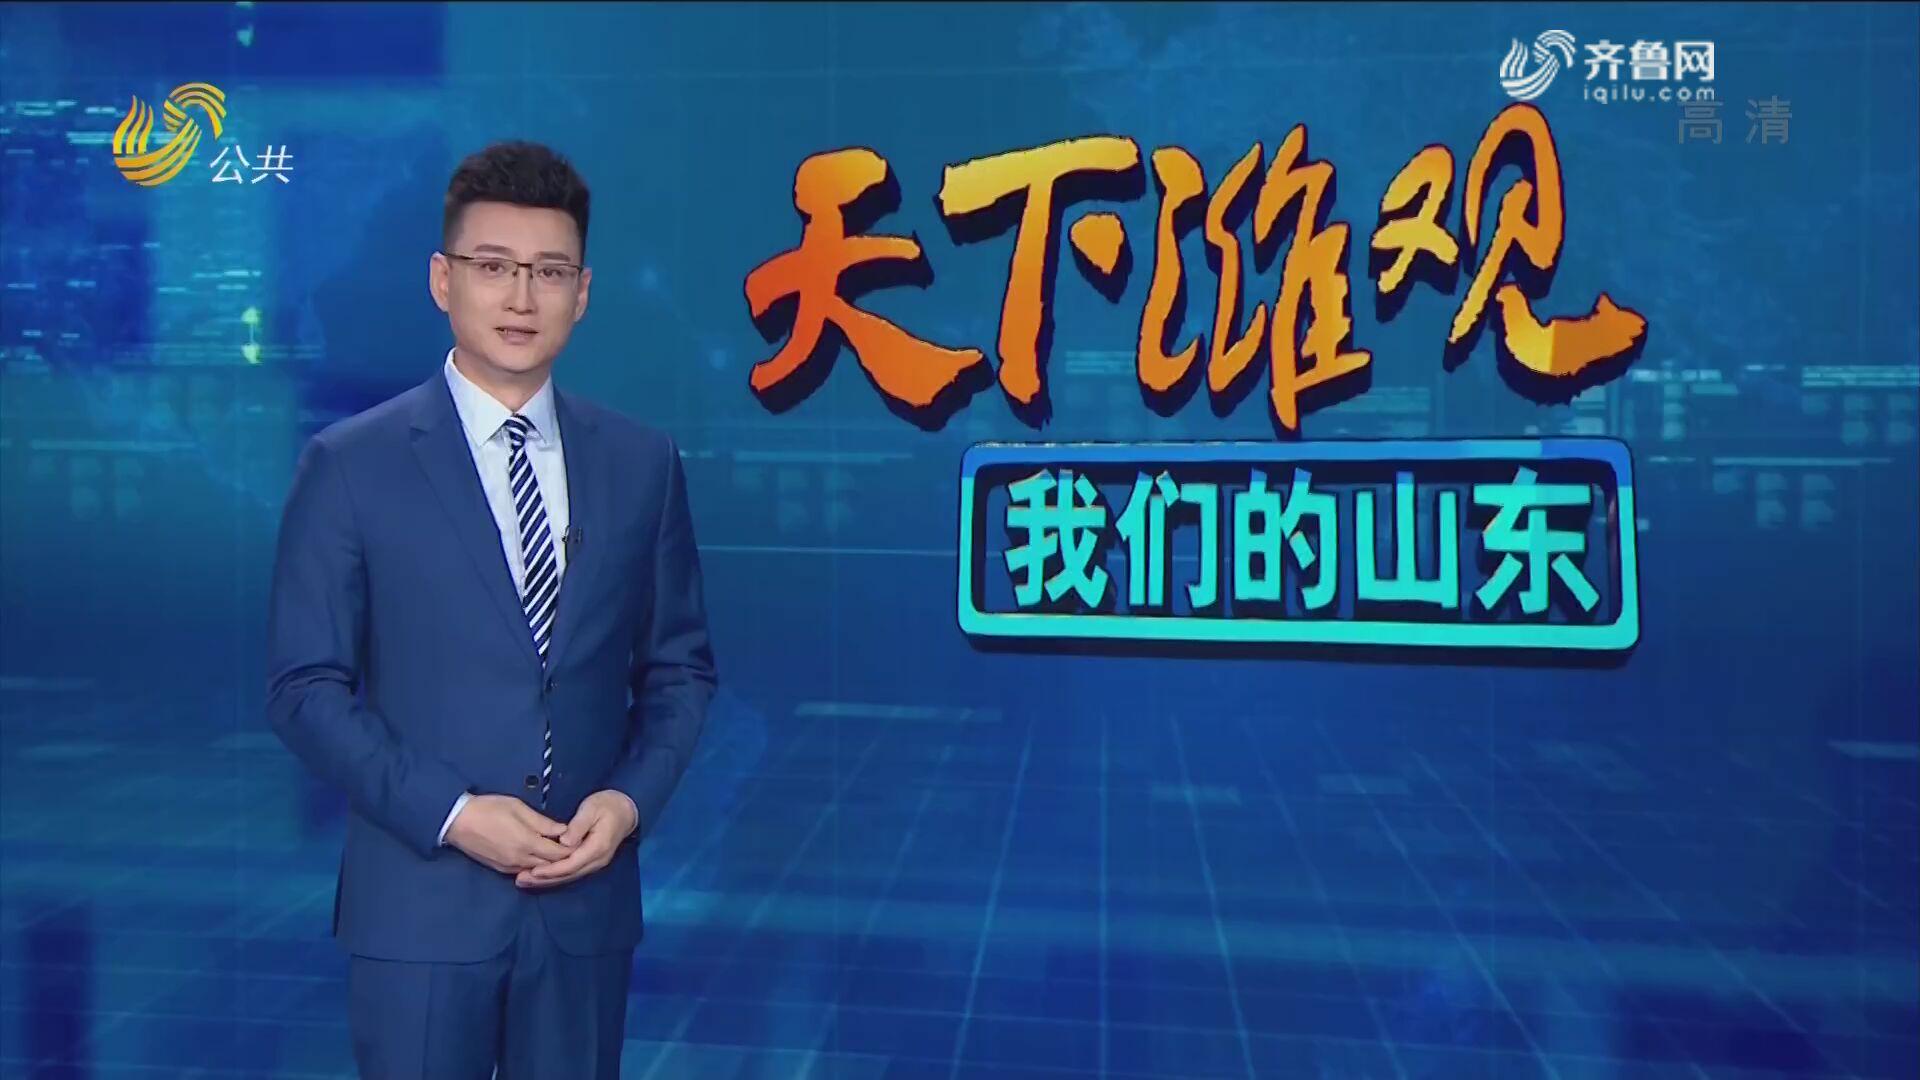 潍坊:会展擦亮城市开放新名片